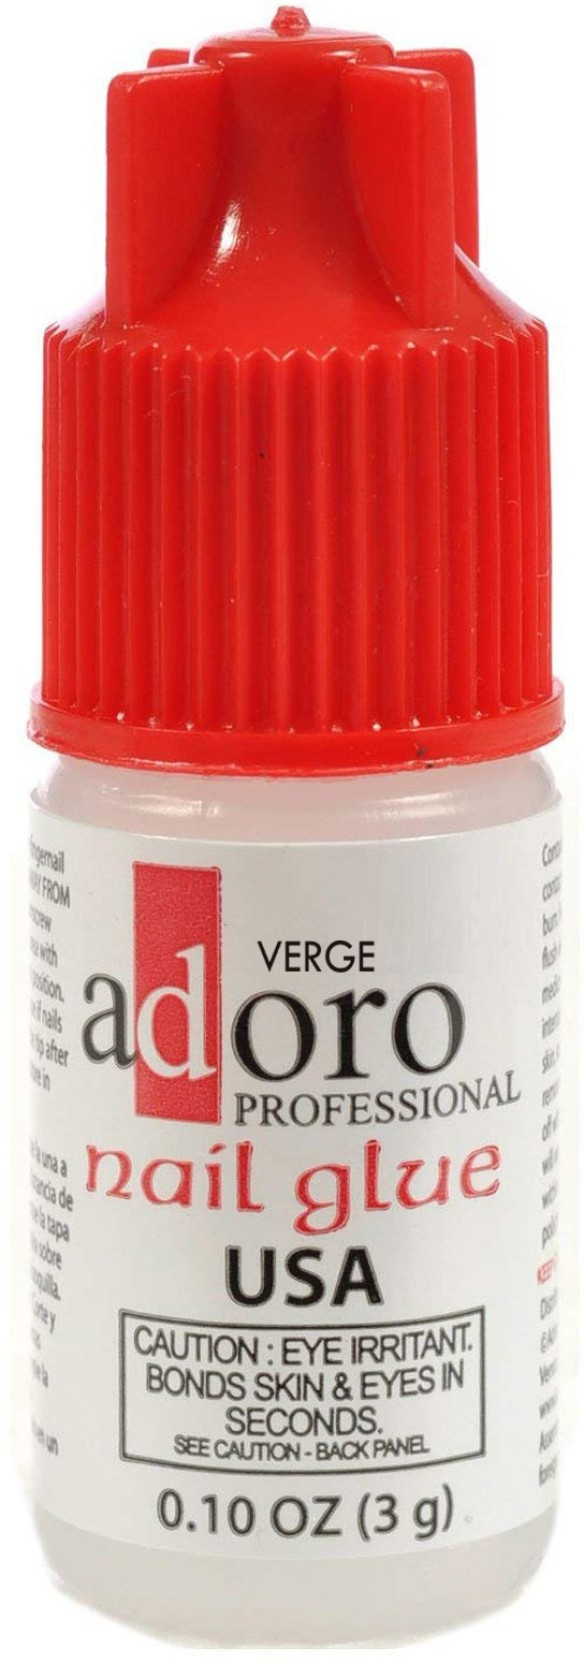 Verge Usa Professional Nail Art Glue Manicure Tool For Fake False